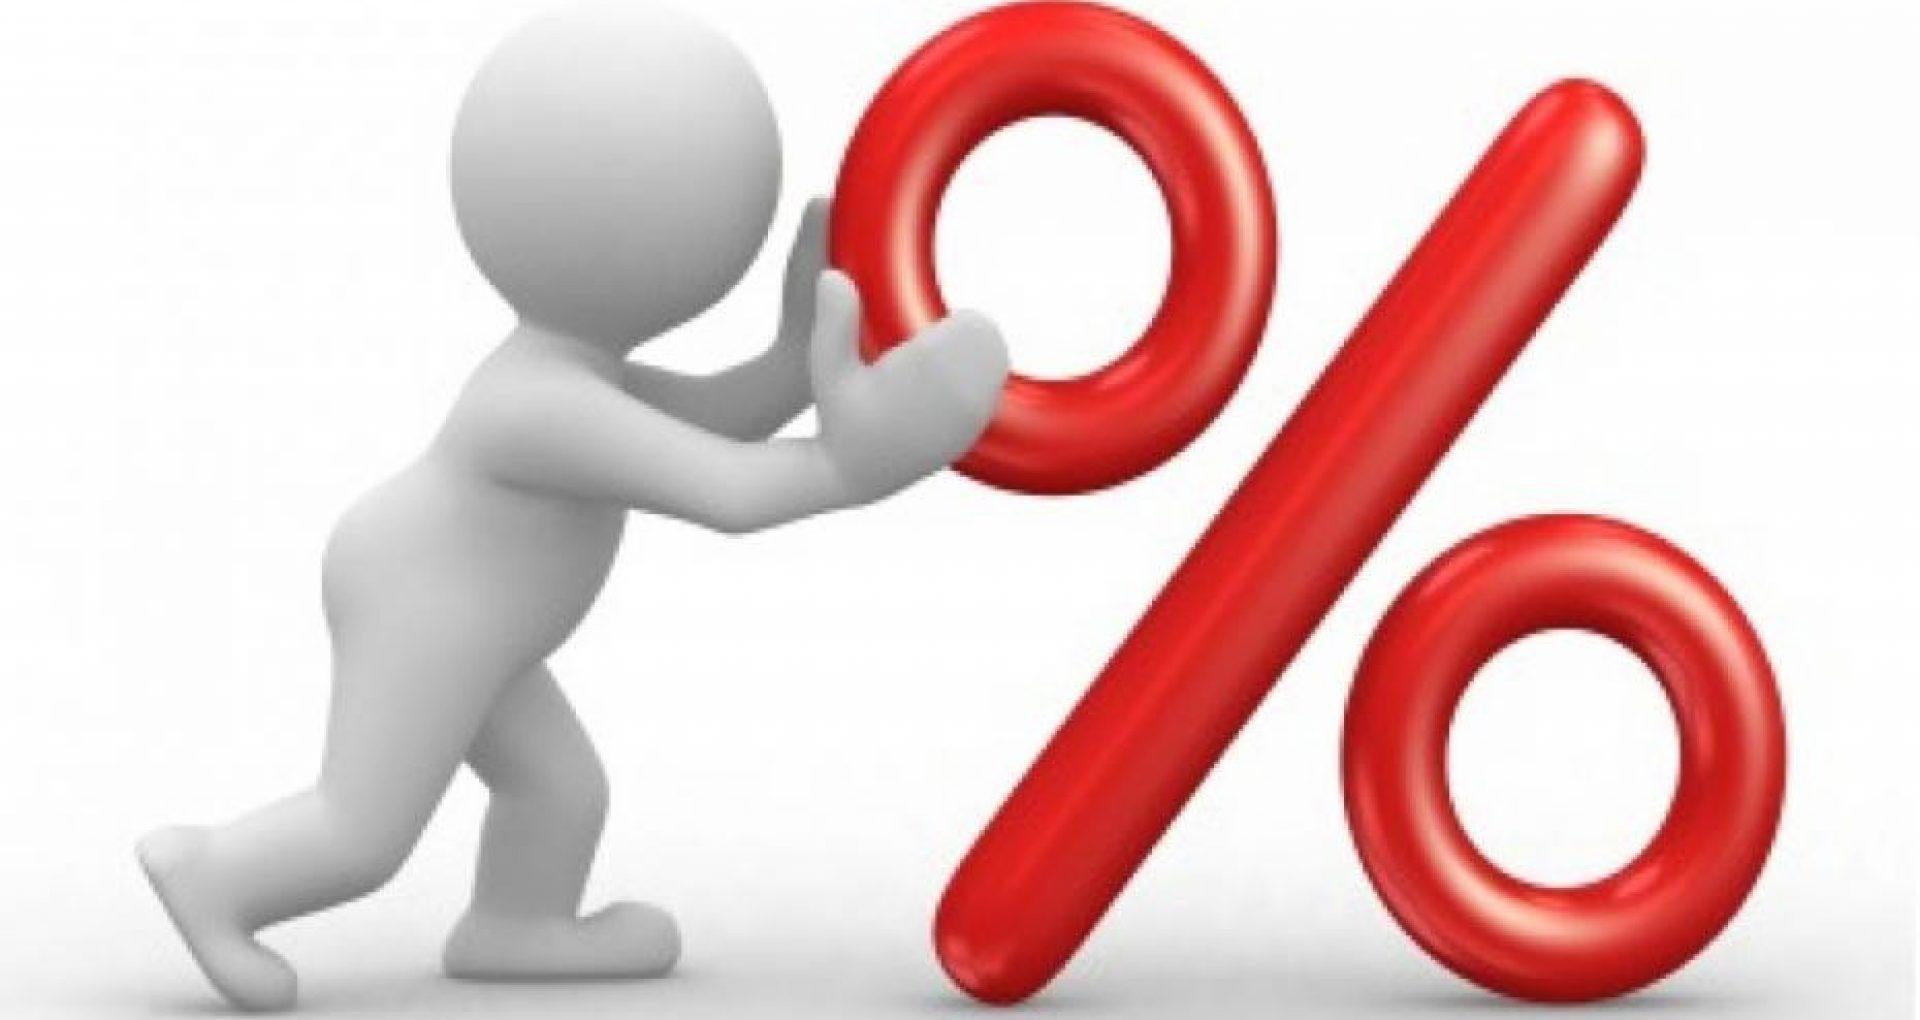 Cui au redirecționat contribuabilii 2% din impozitul pe venit în anul 2020